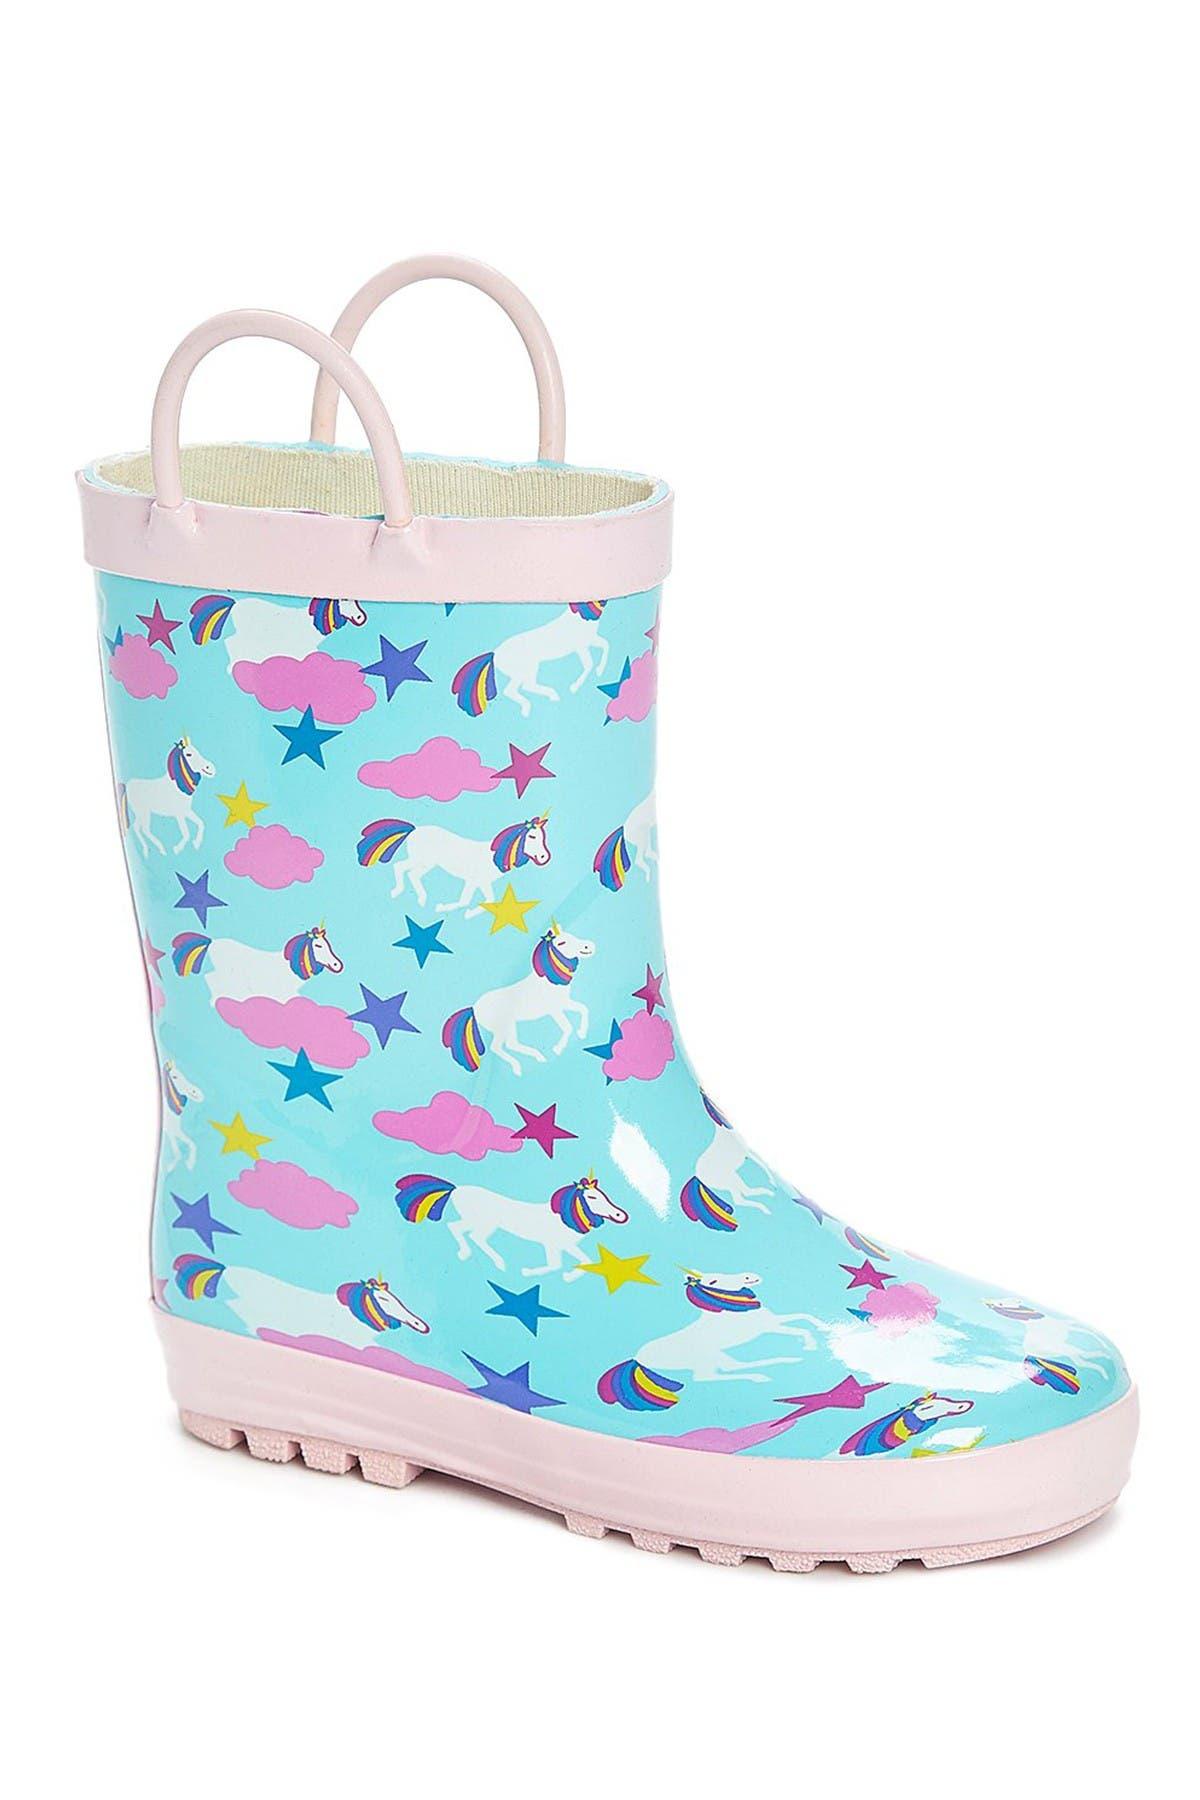 LILLY OF NEW YORK Unicorn Rain Boot